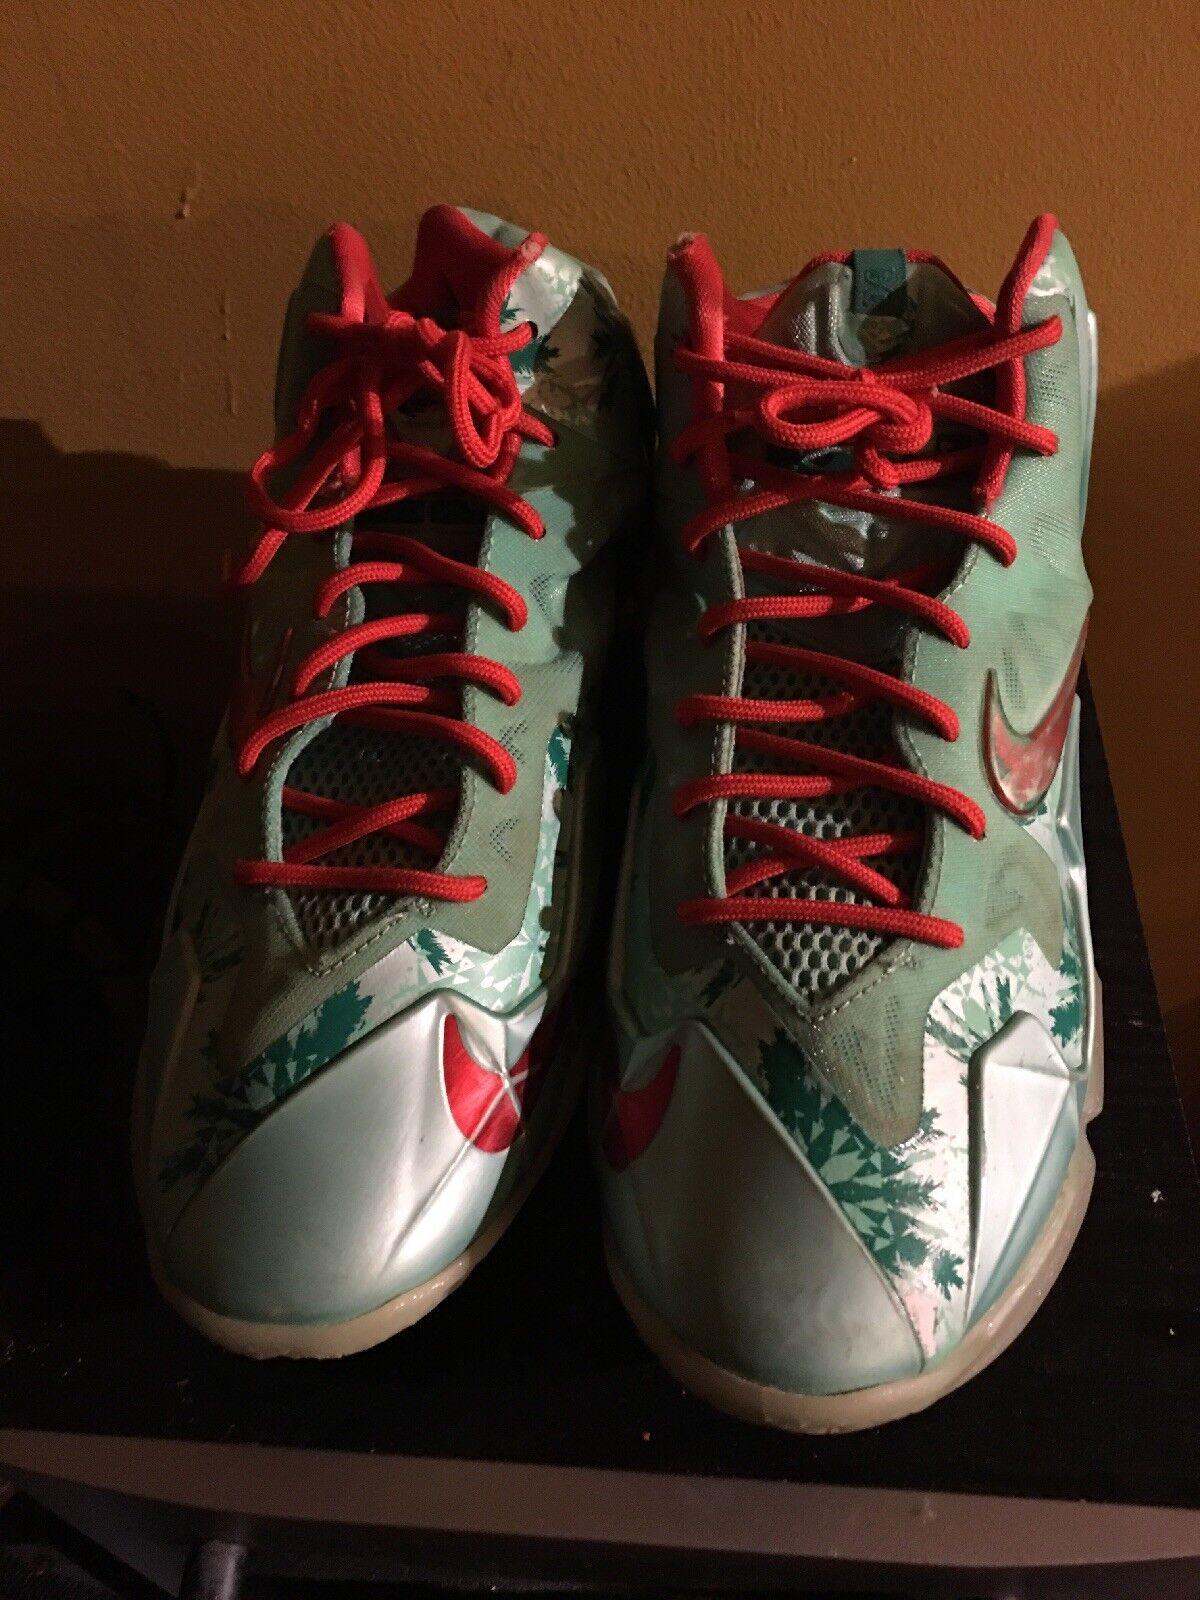 Lebron xi natale 'scarpe da basket con dei lacci rosso, rosso - verde, taglia 7y vguc | In Linea Outlet Store  | Maschio/Ragazze Scarpa